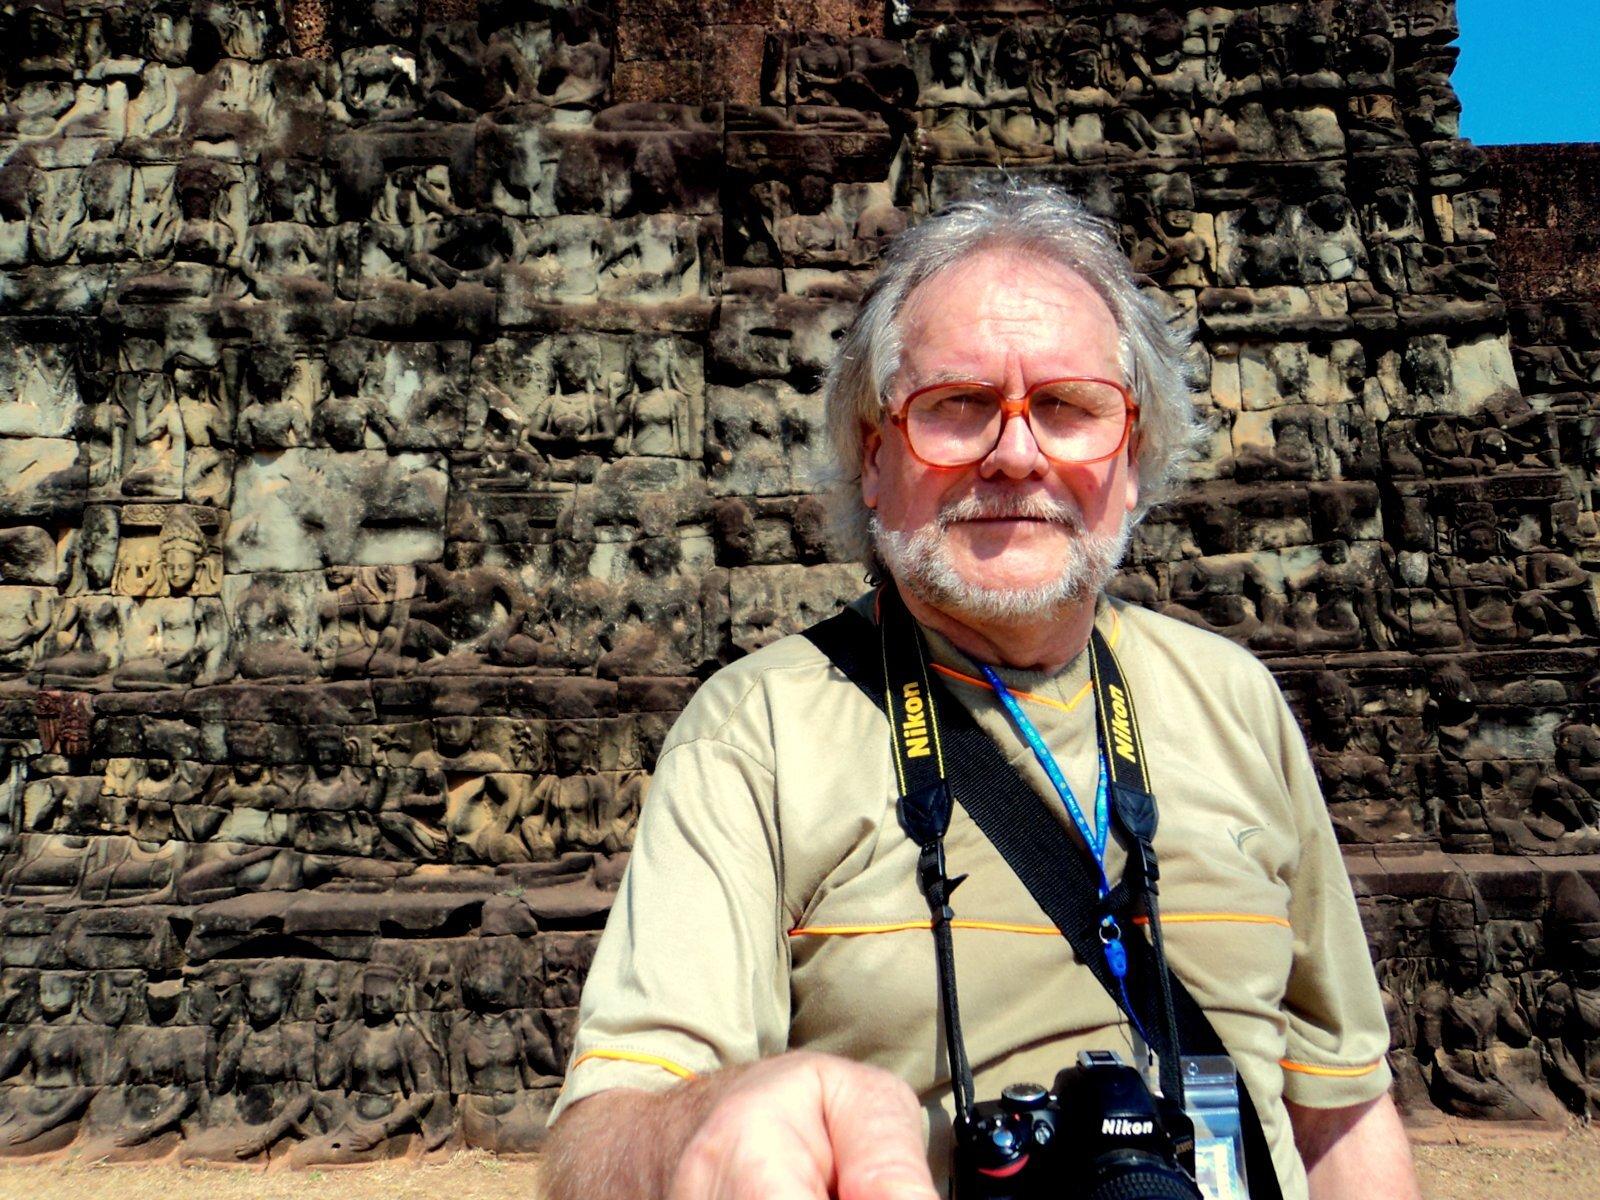 КАМБОДЖА, Ангкор-Тхом (Великая столица): Королевский Дворец, Храм Та Прохм